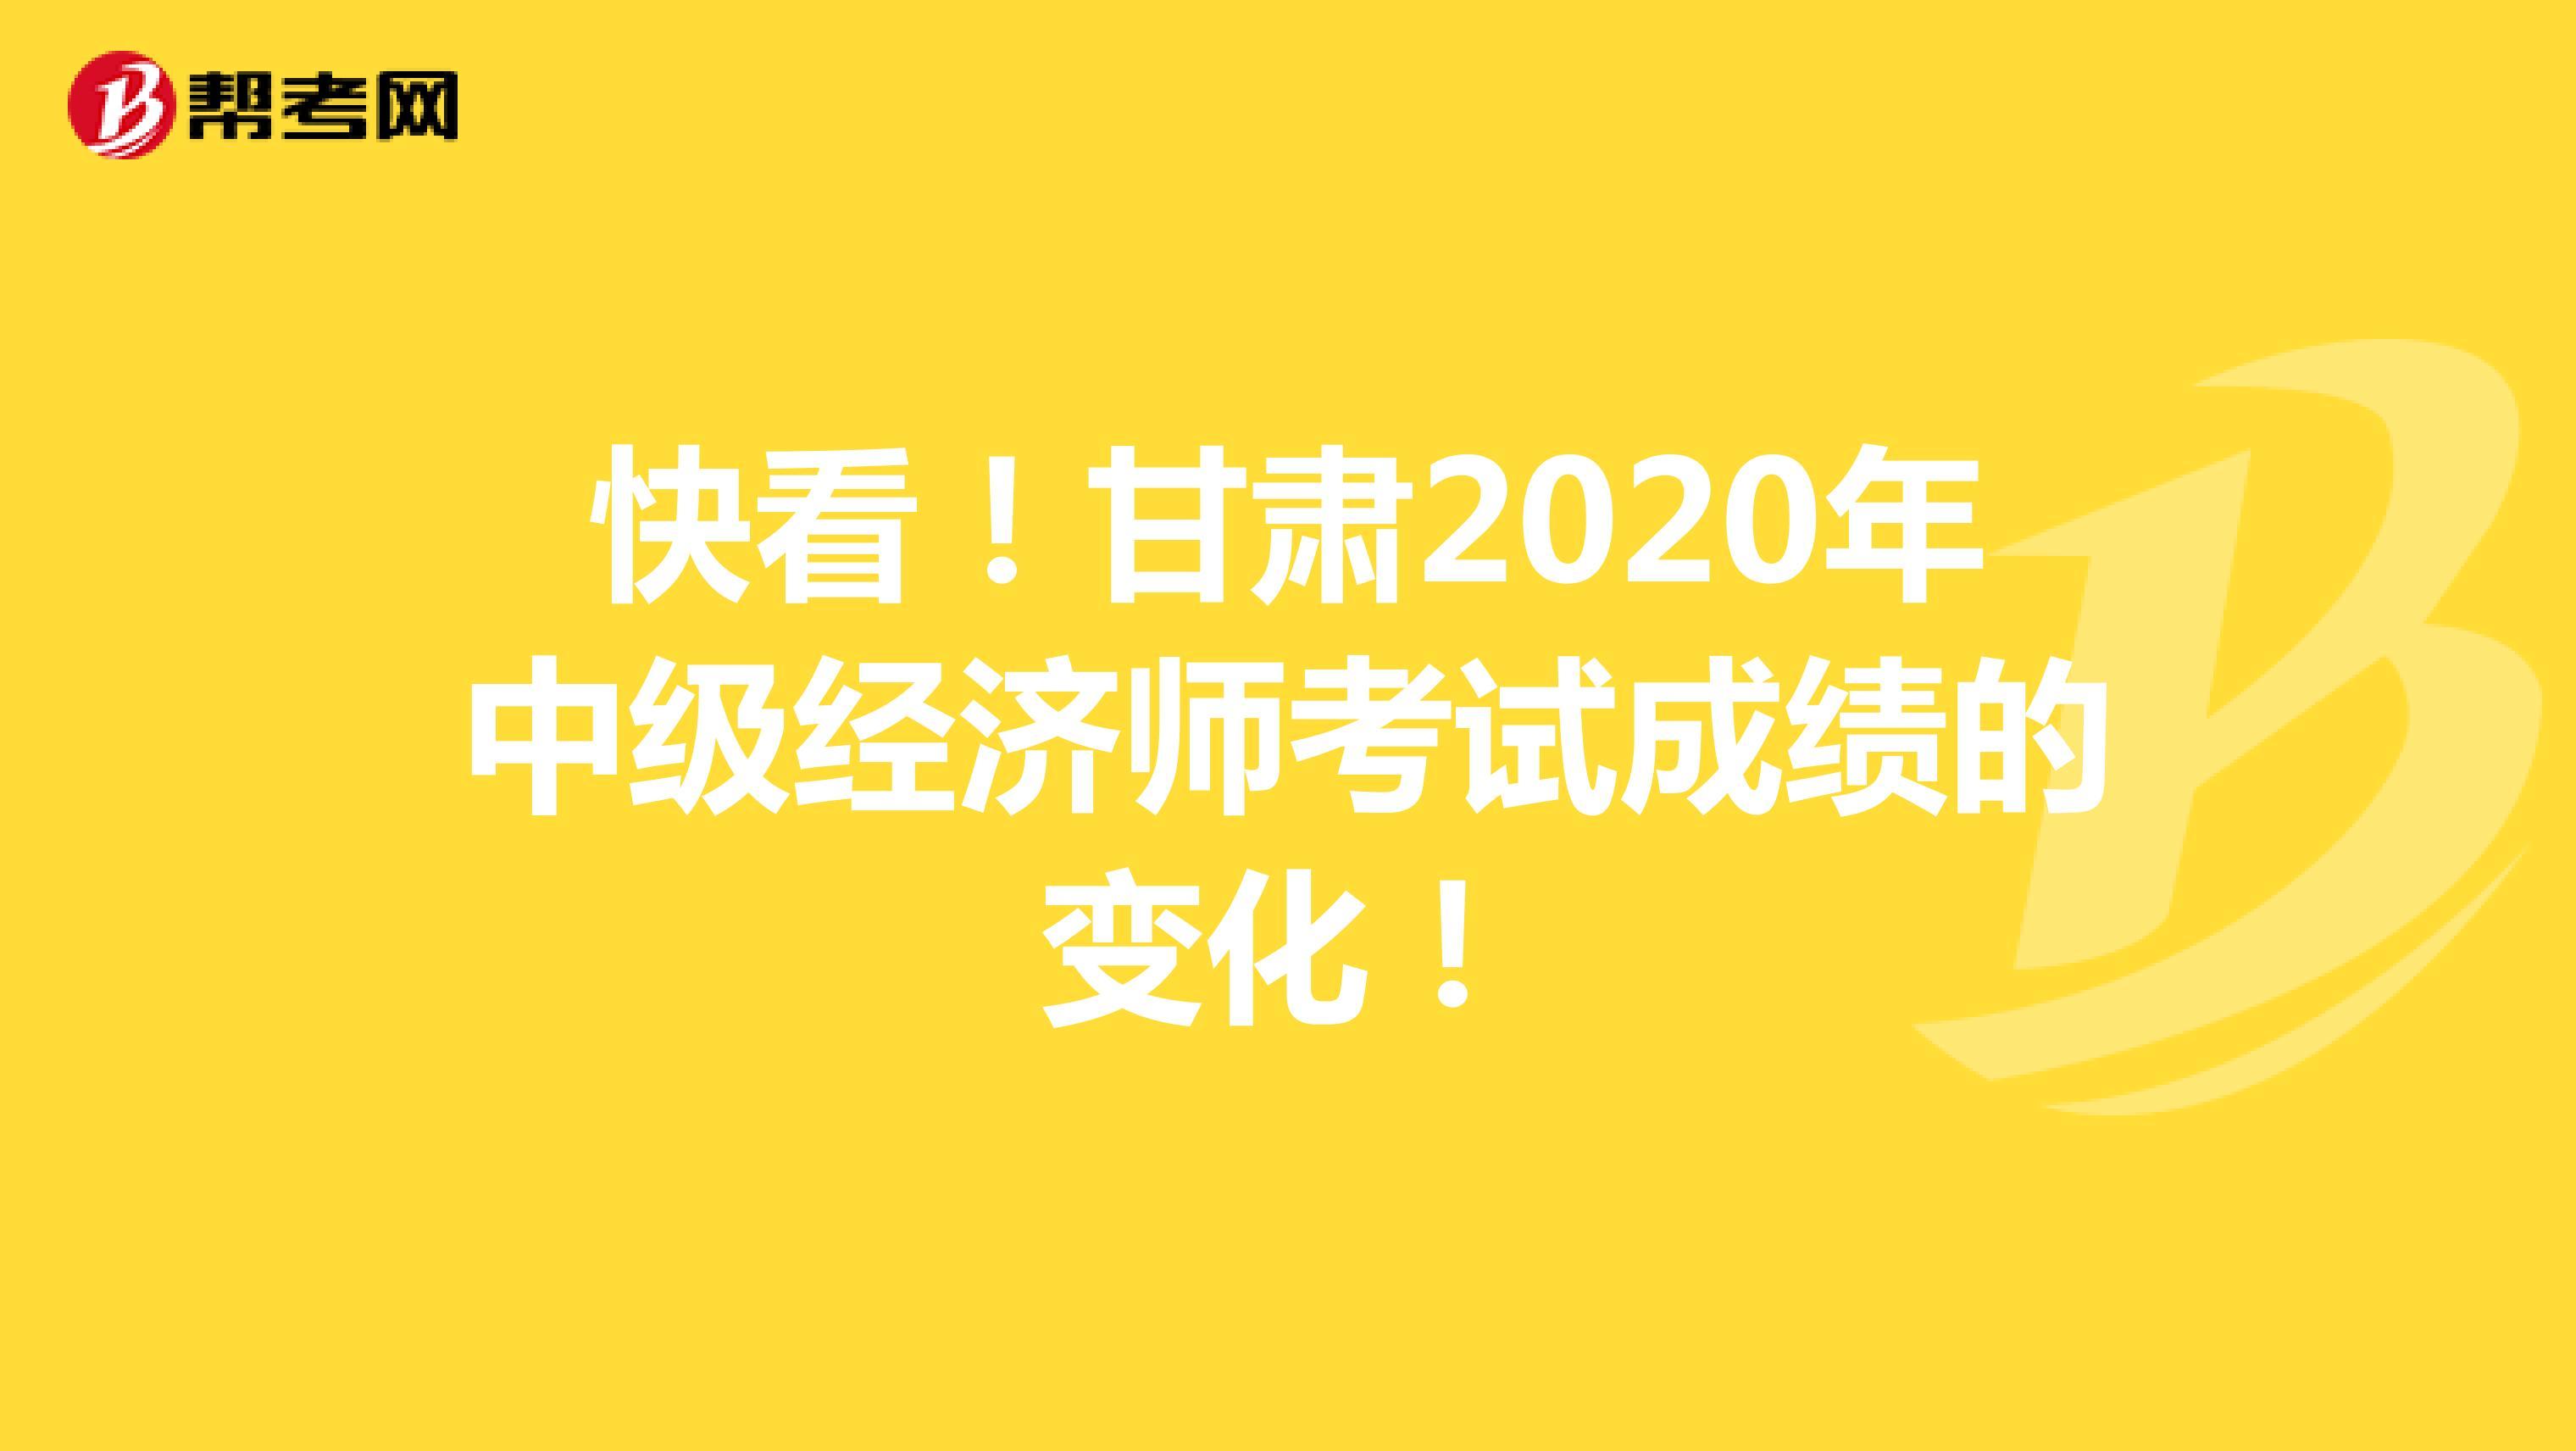 快看!甘肃2020年中级经济师考试成绩的变化!